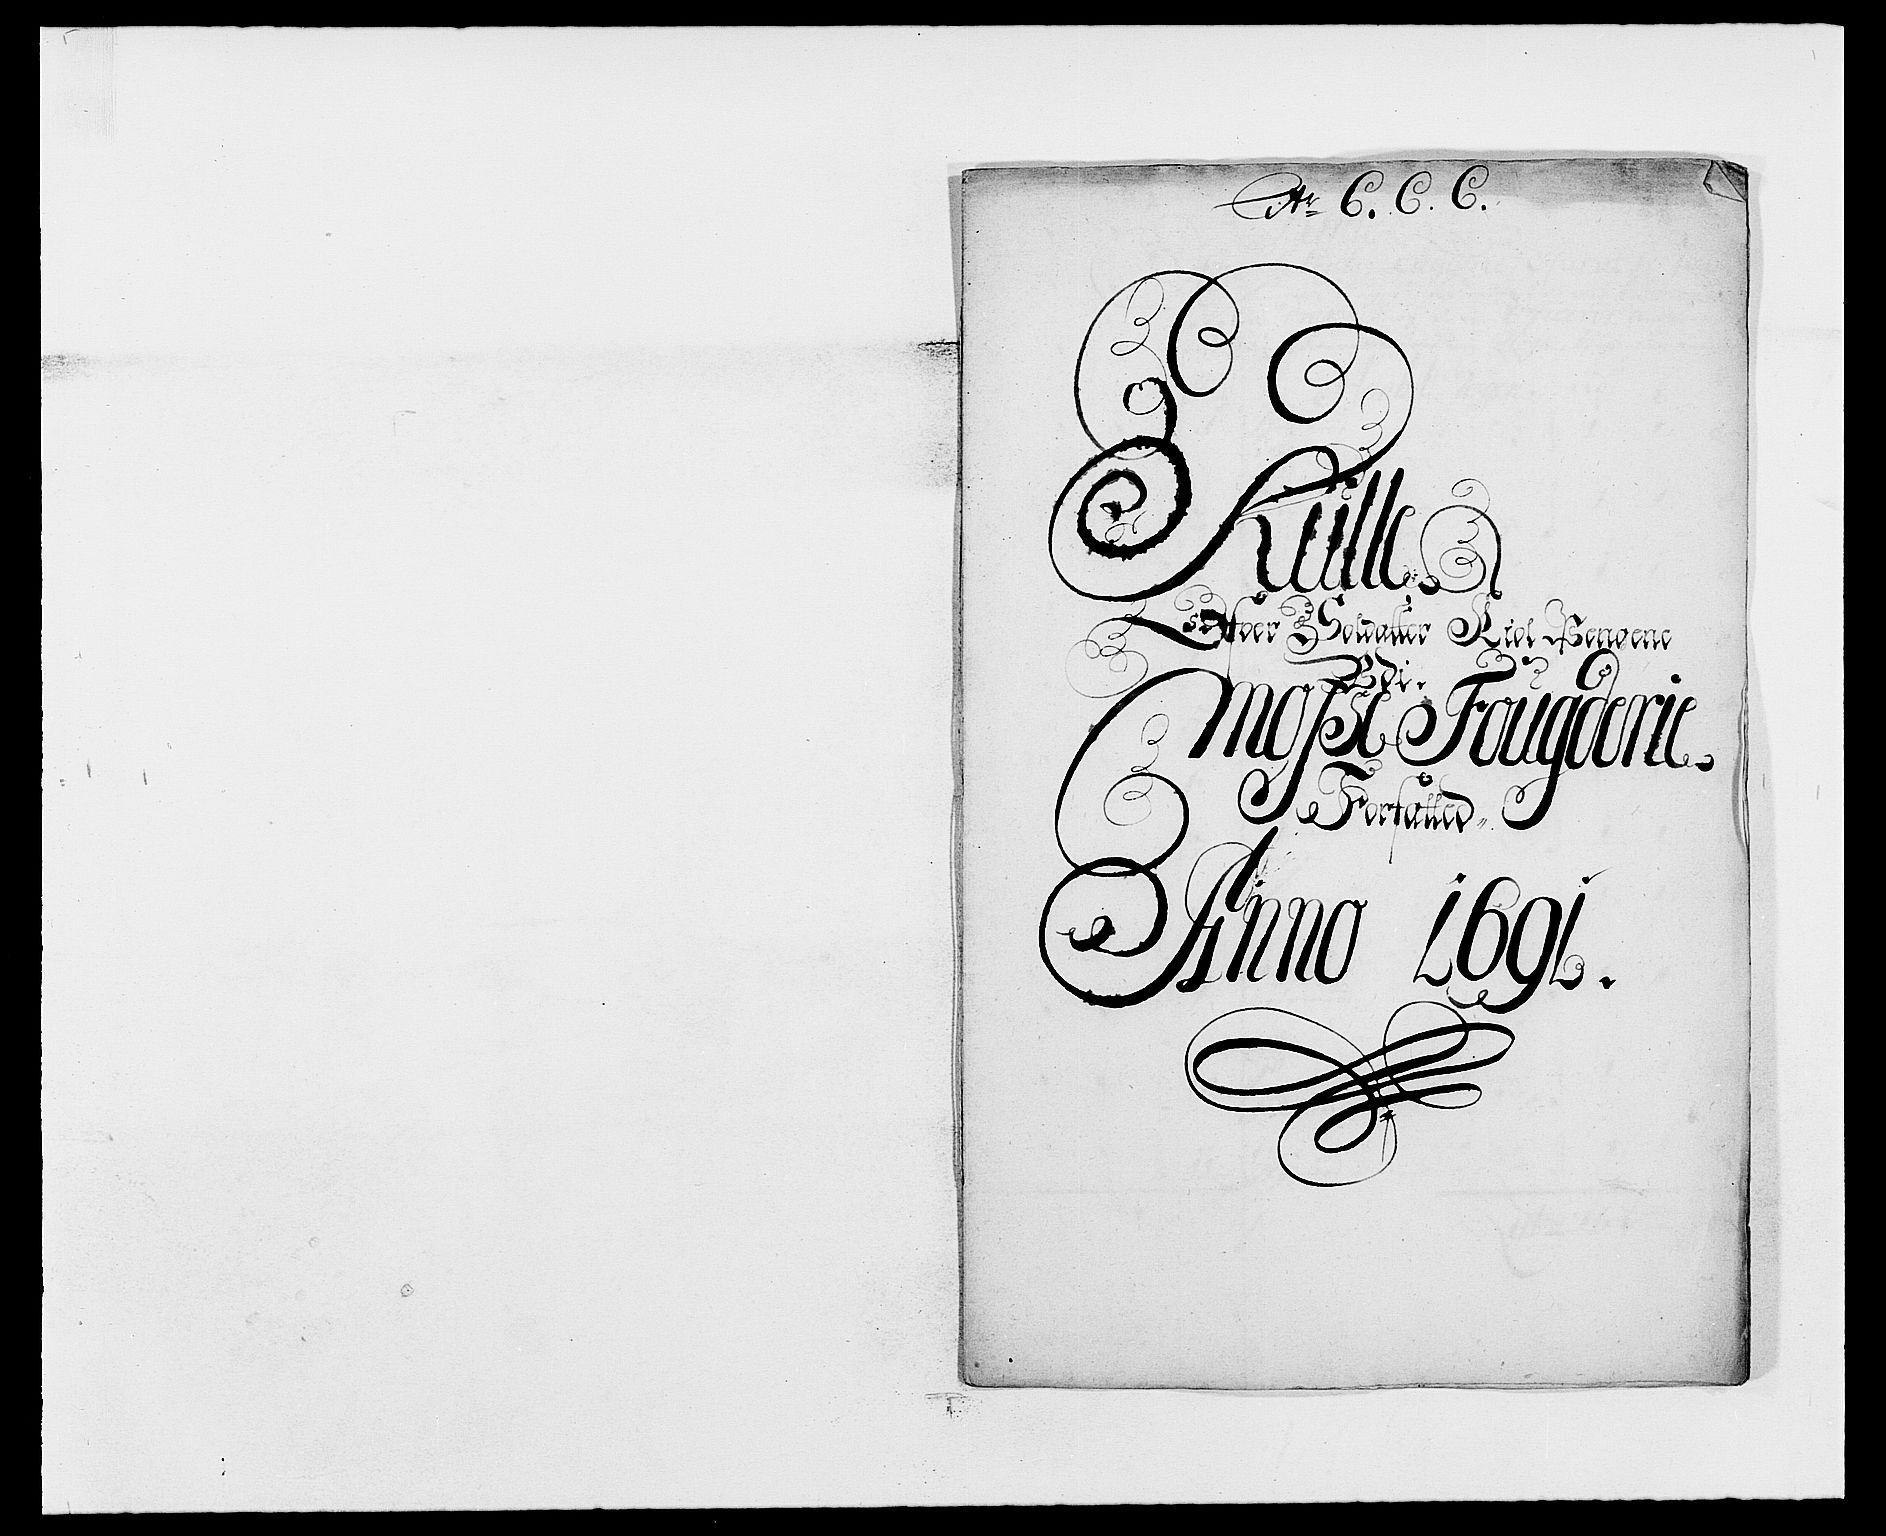 RA, Rentekammeret inntil 1814, Reviderte regnskaper, Fogderegnskap, R02/L0106: Fogderegnskap Moss og Verne kloster, 1688-1691, s. 545